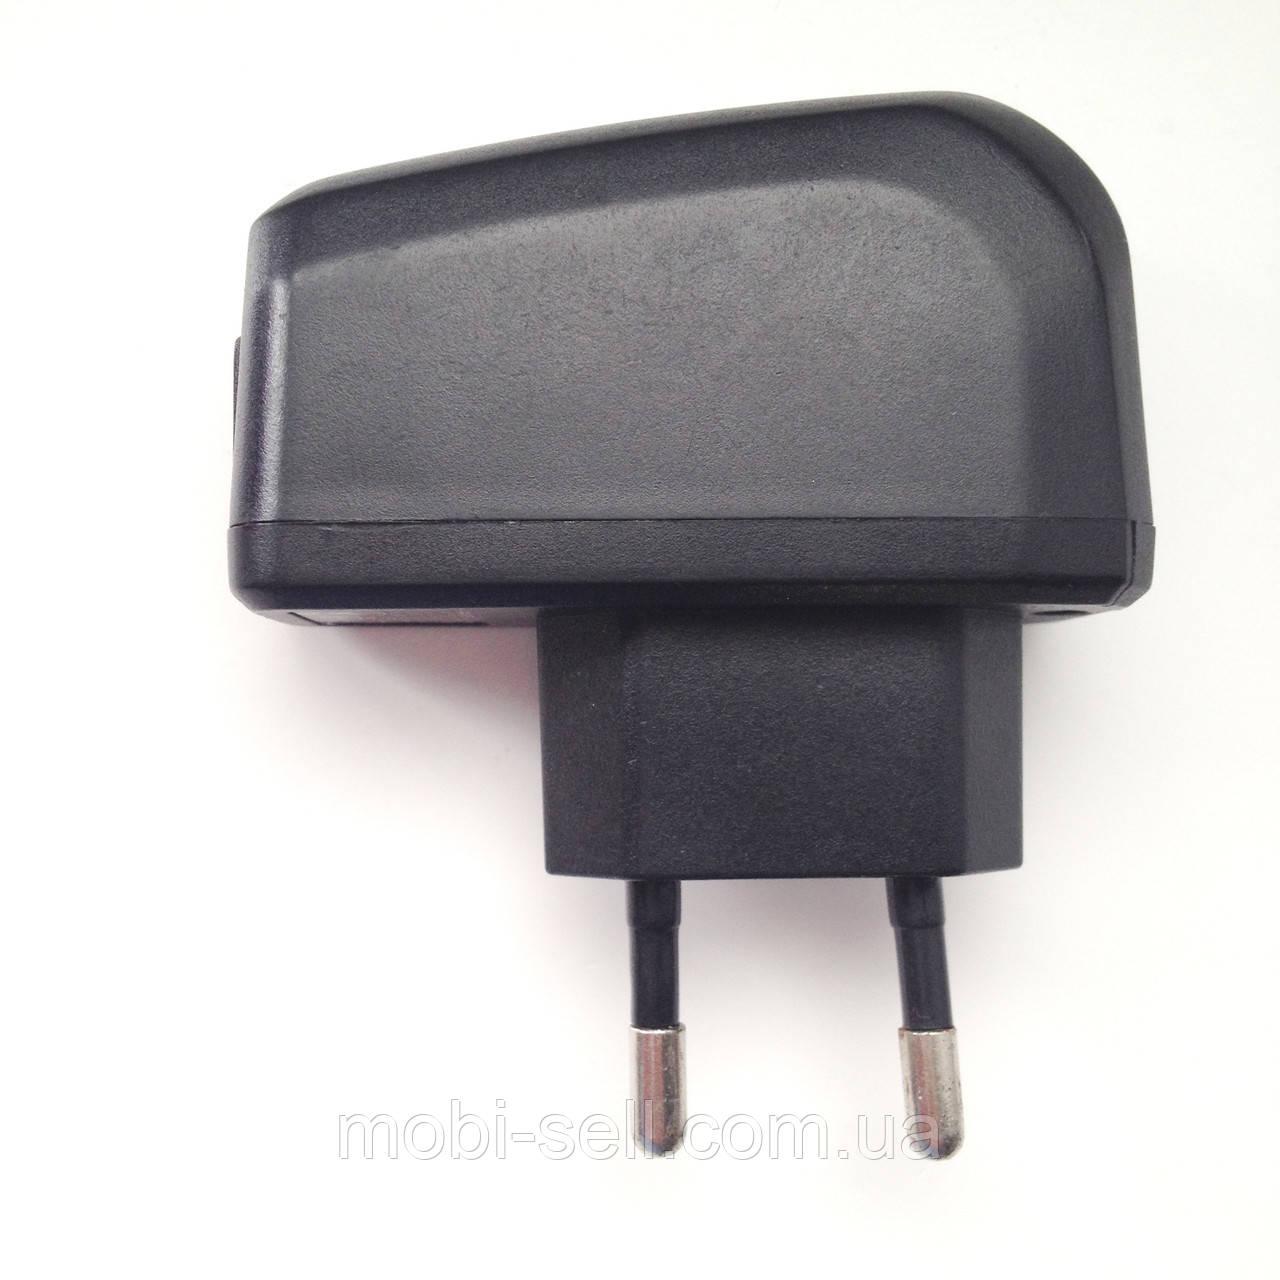 Б/У Зарядное устройство Bravis Next 5V / 0.5A / USB универсальное (Китай)